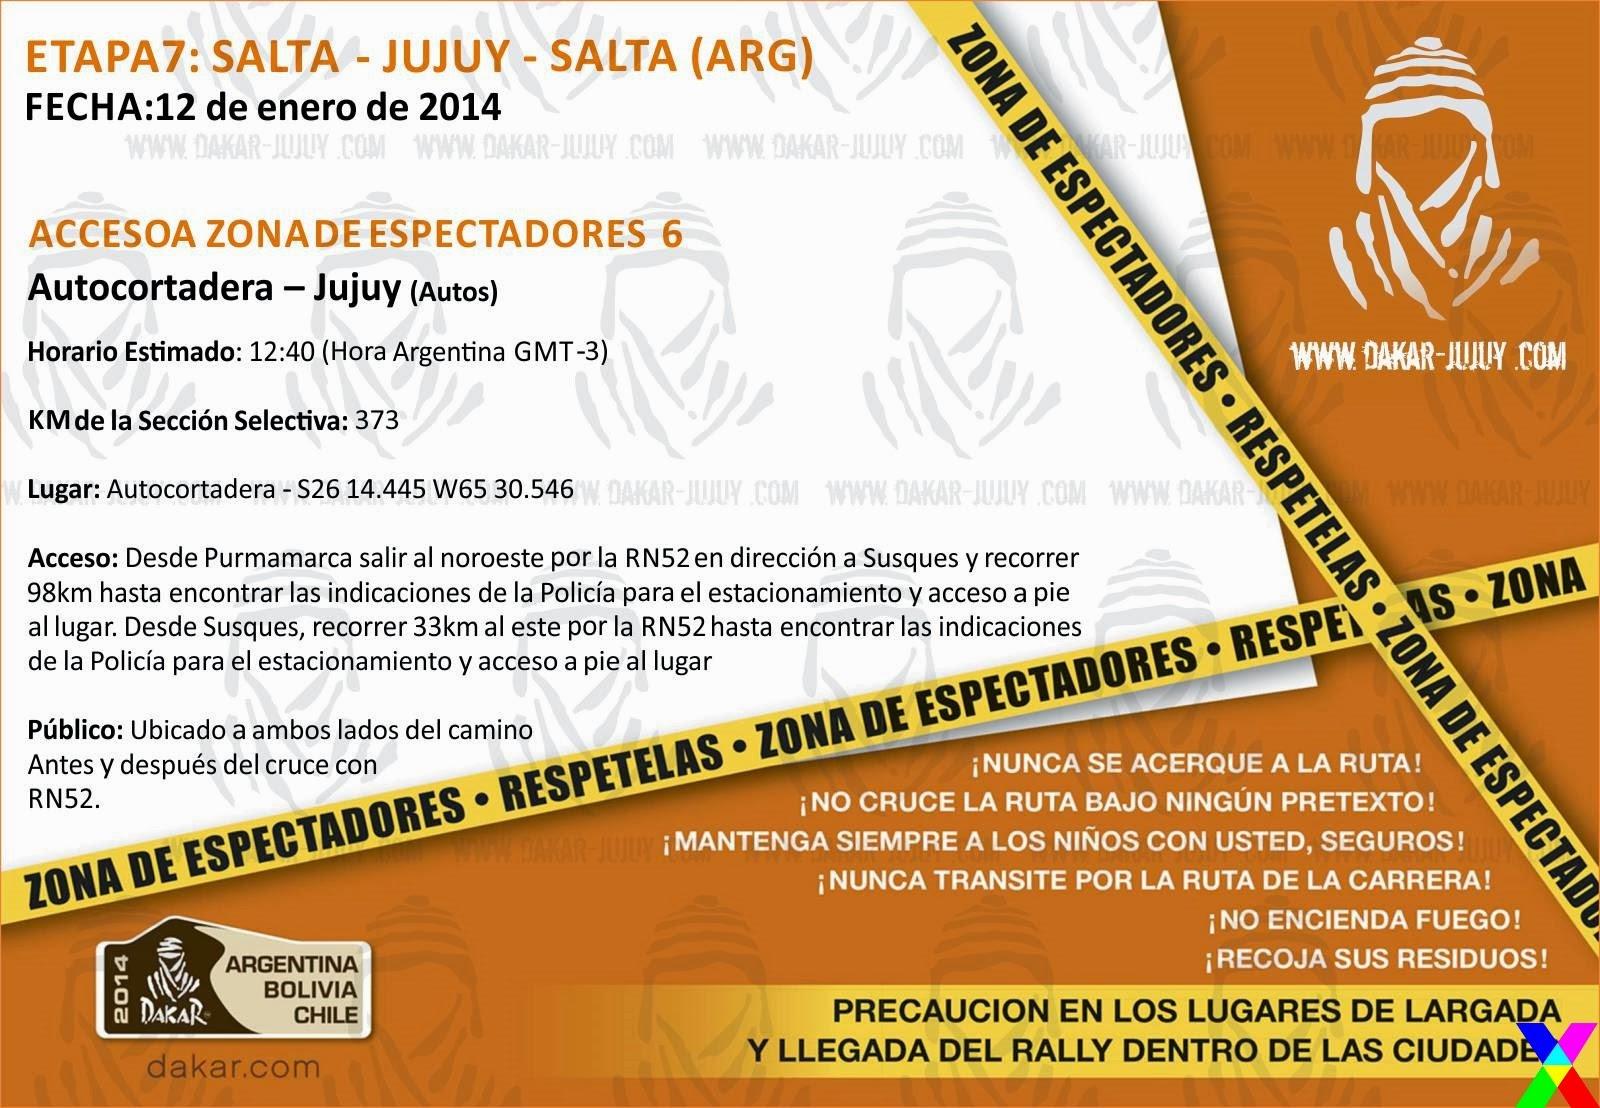 Zona de Espectadores 6 Jujuy - Dakar 2014